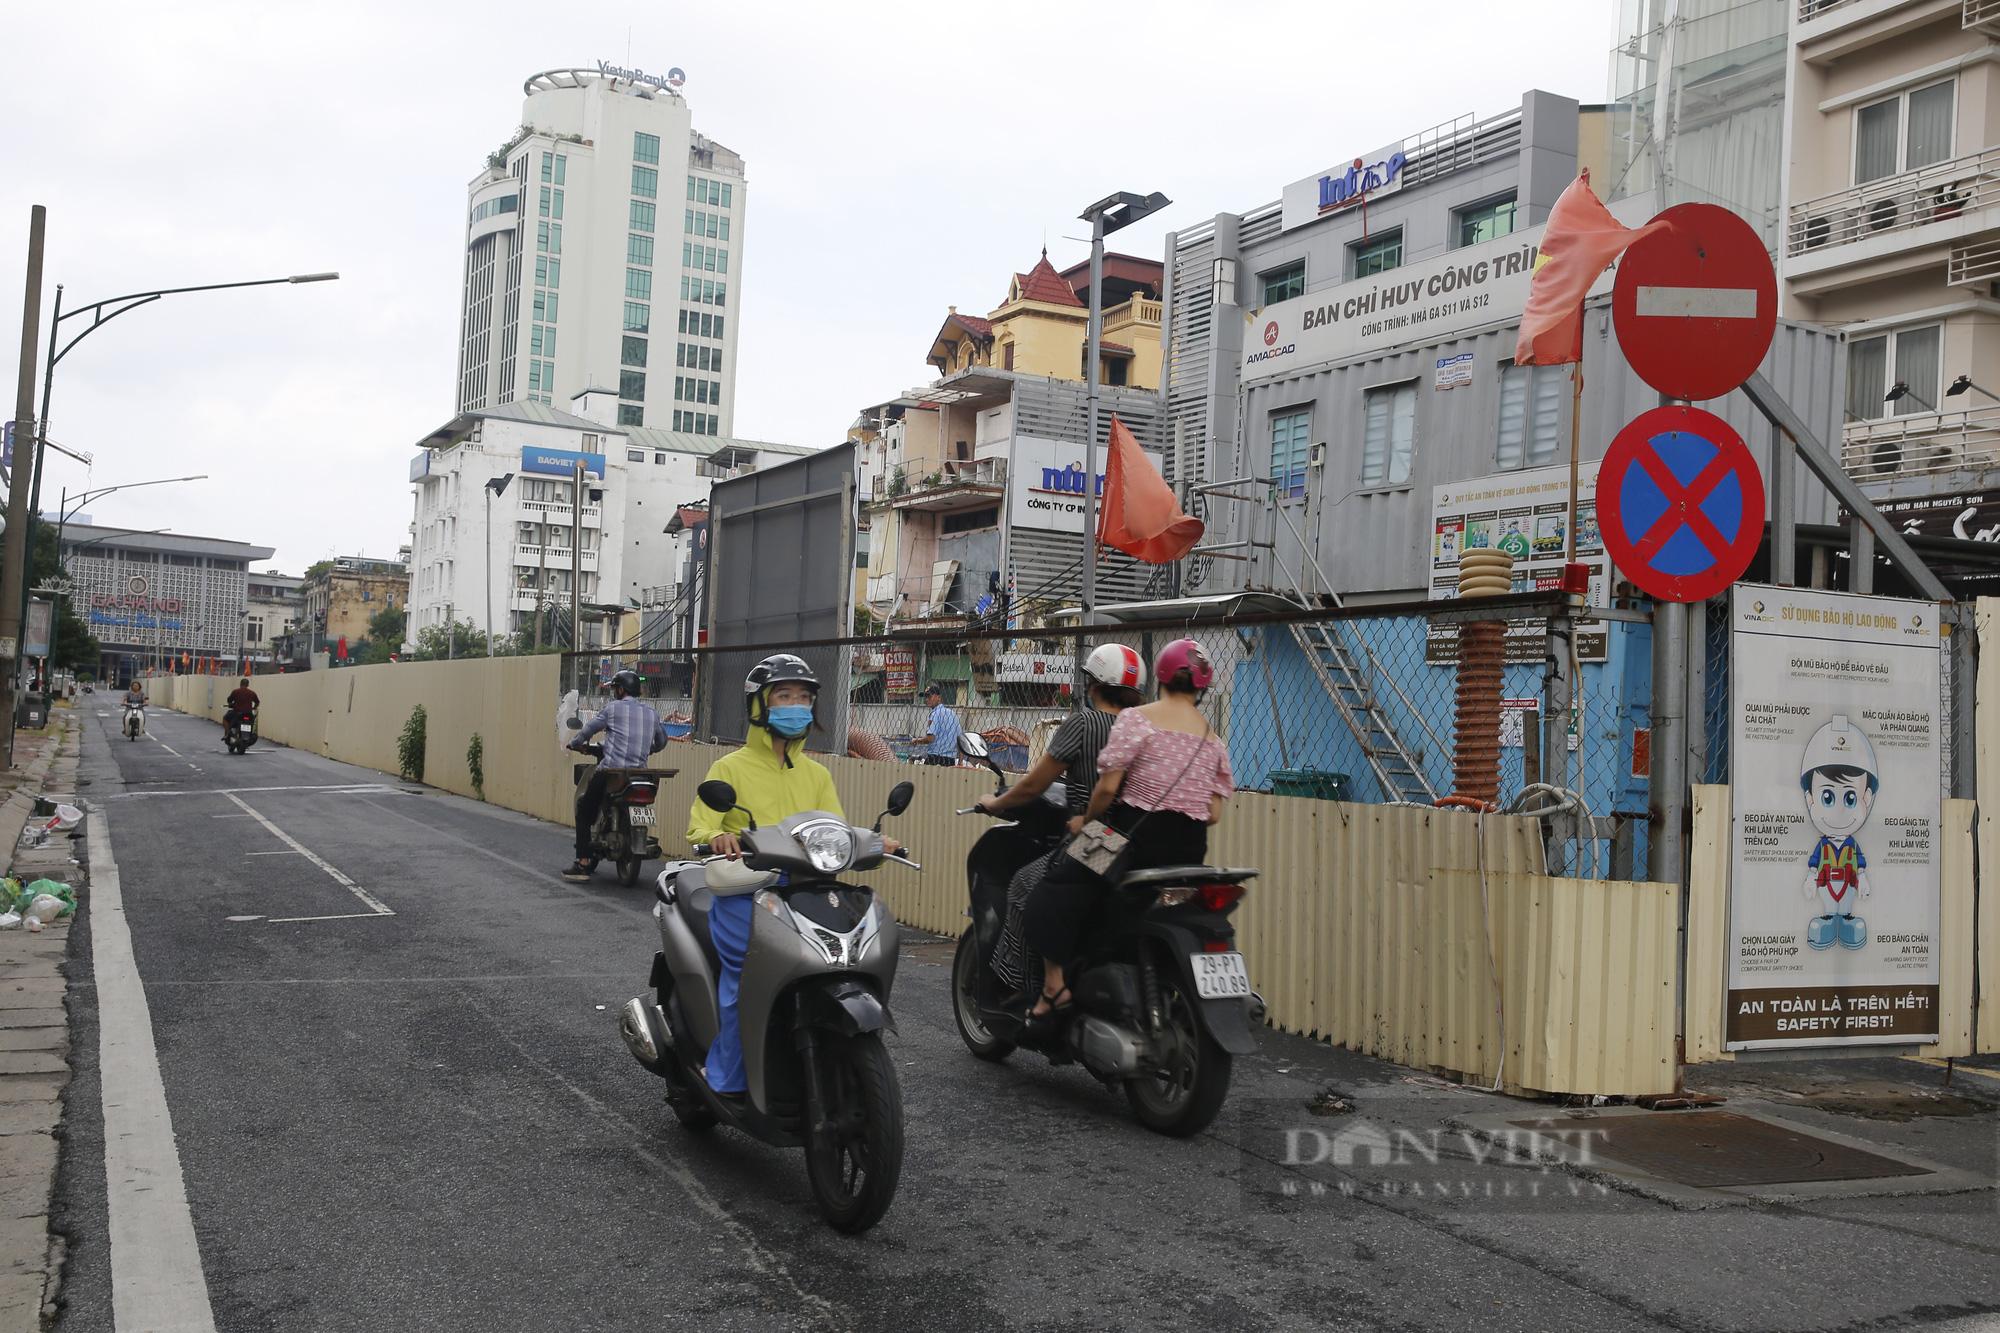 Cận cảnh khu vực ga ngầm tuyến Metro Nhổn - ga Hà Nội bị dừng thi công - Ảnh 1.